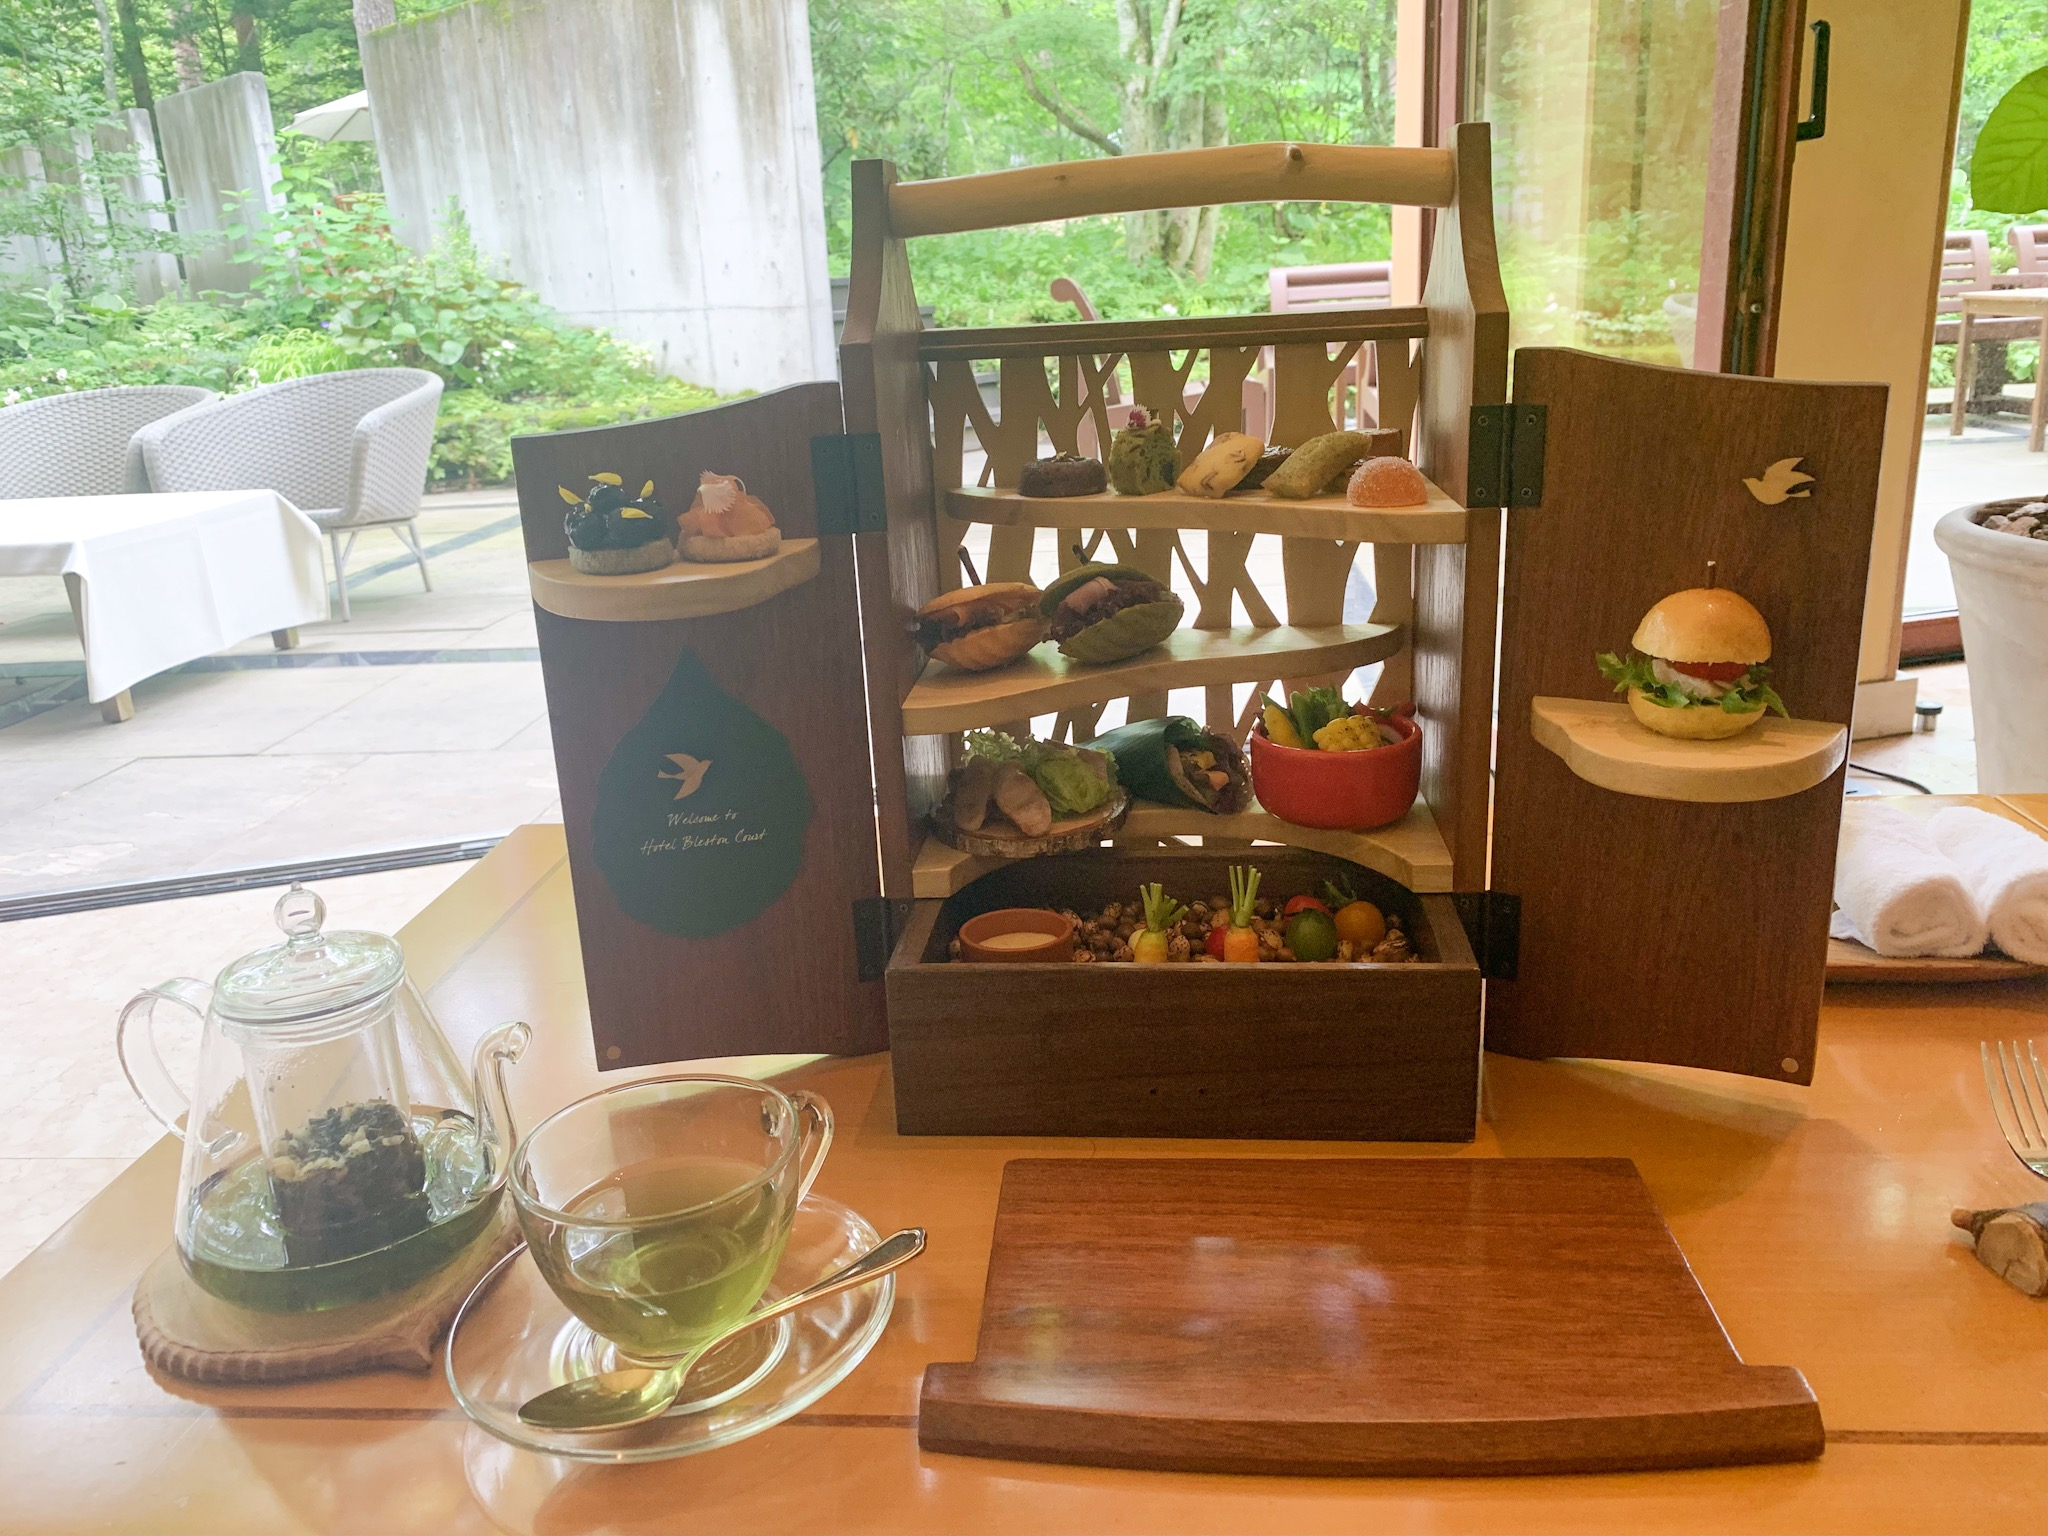 【軽井沢星野エリア滞在レポート】たくさんの緑に囲まれて、幻想的で素敵な夏を**_3